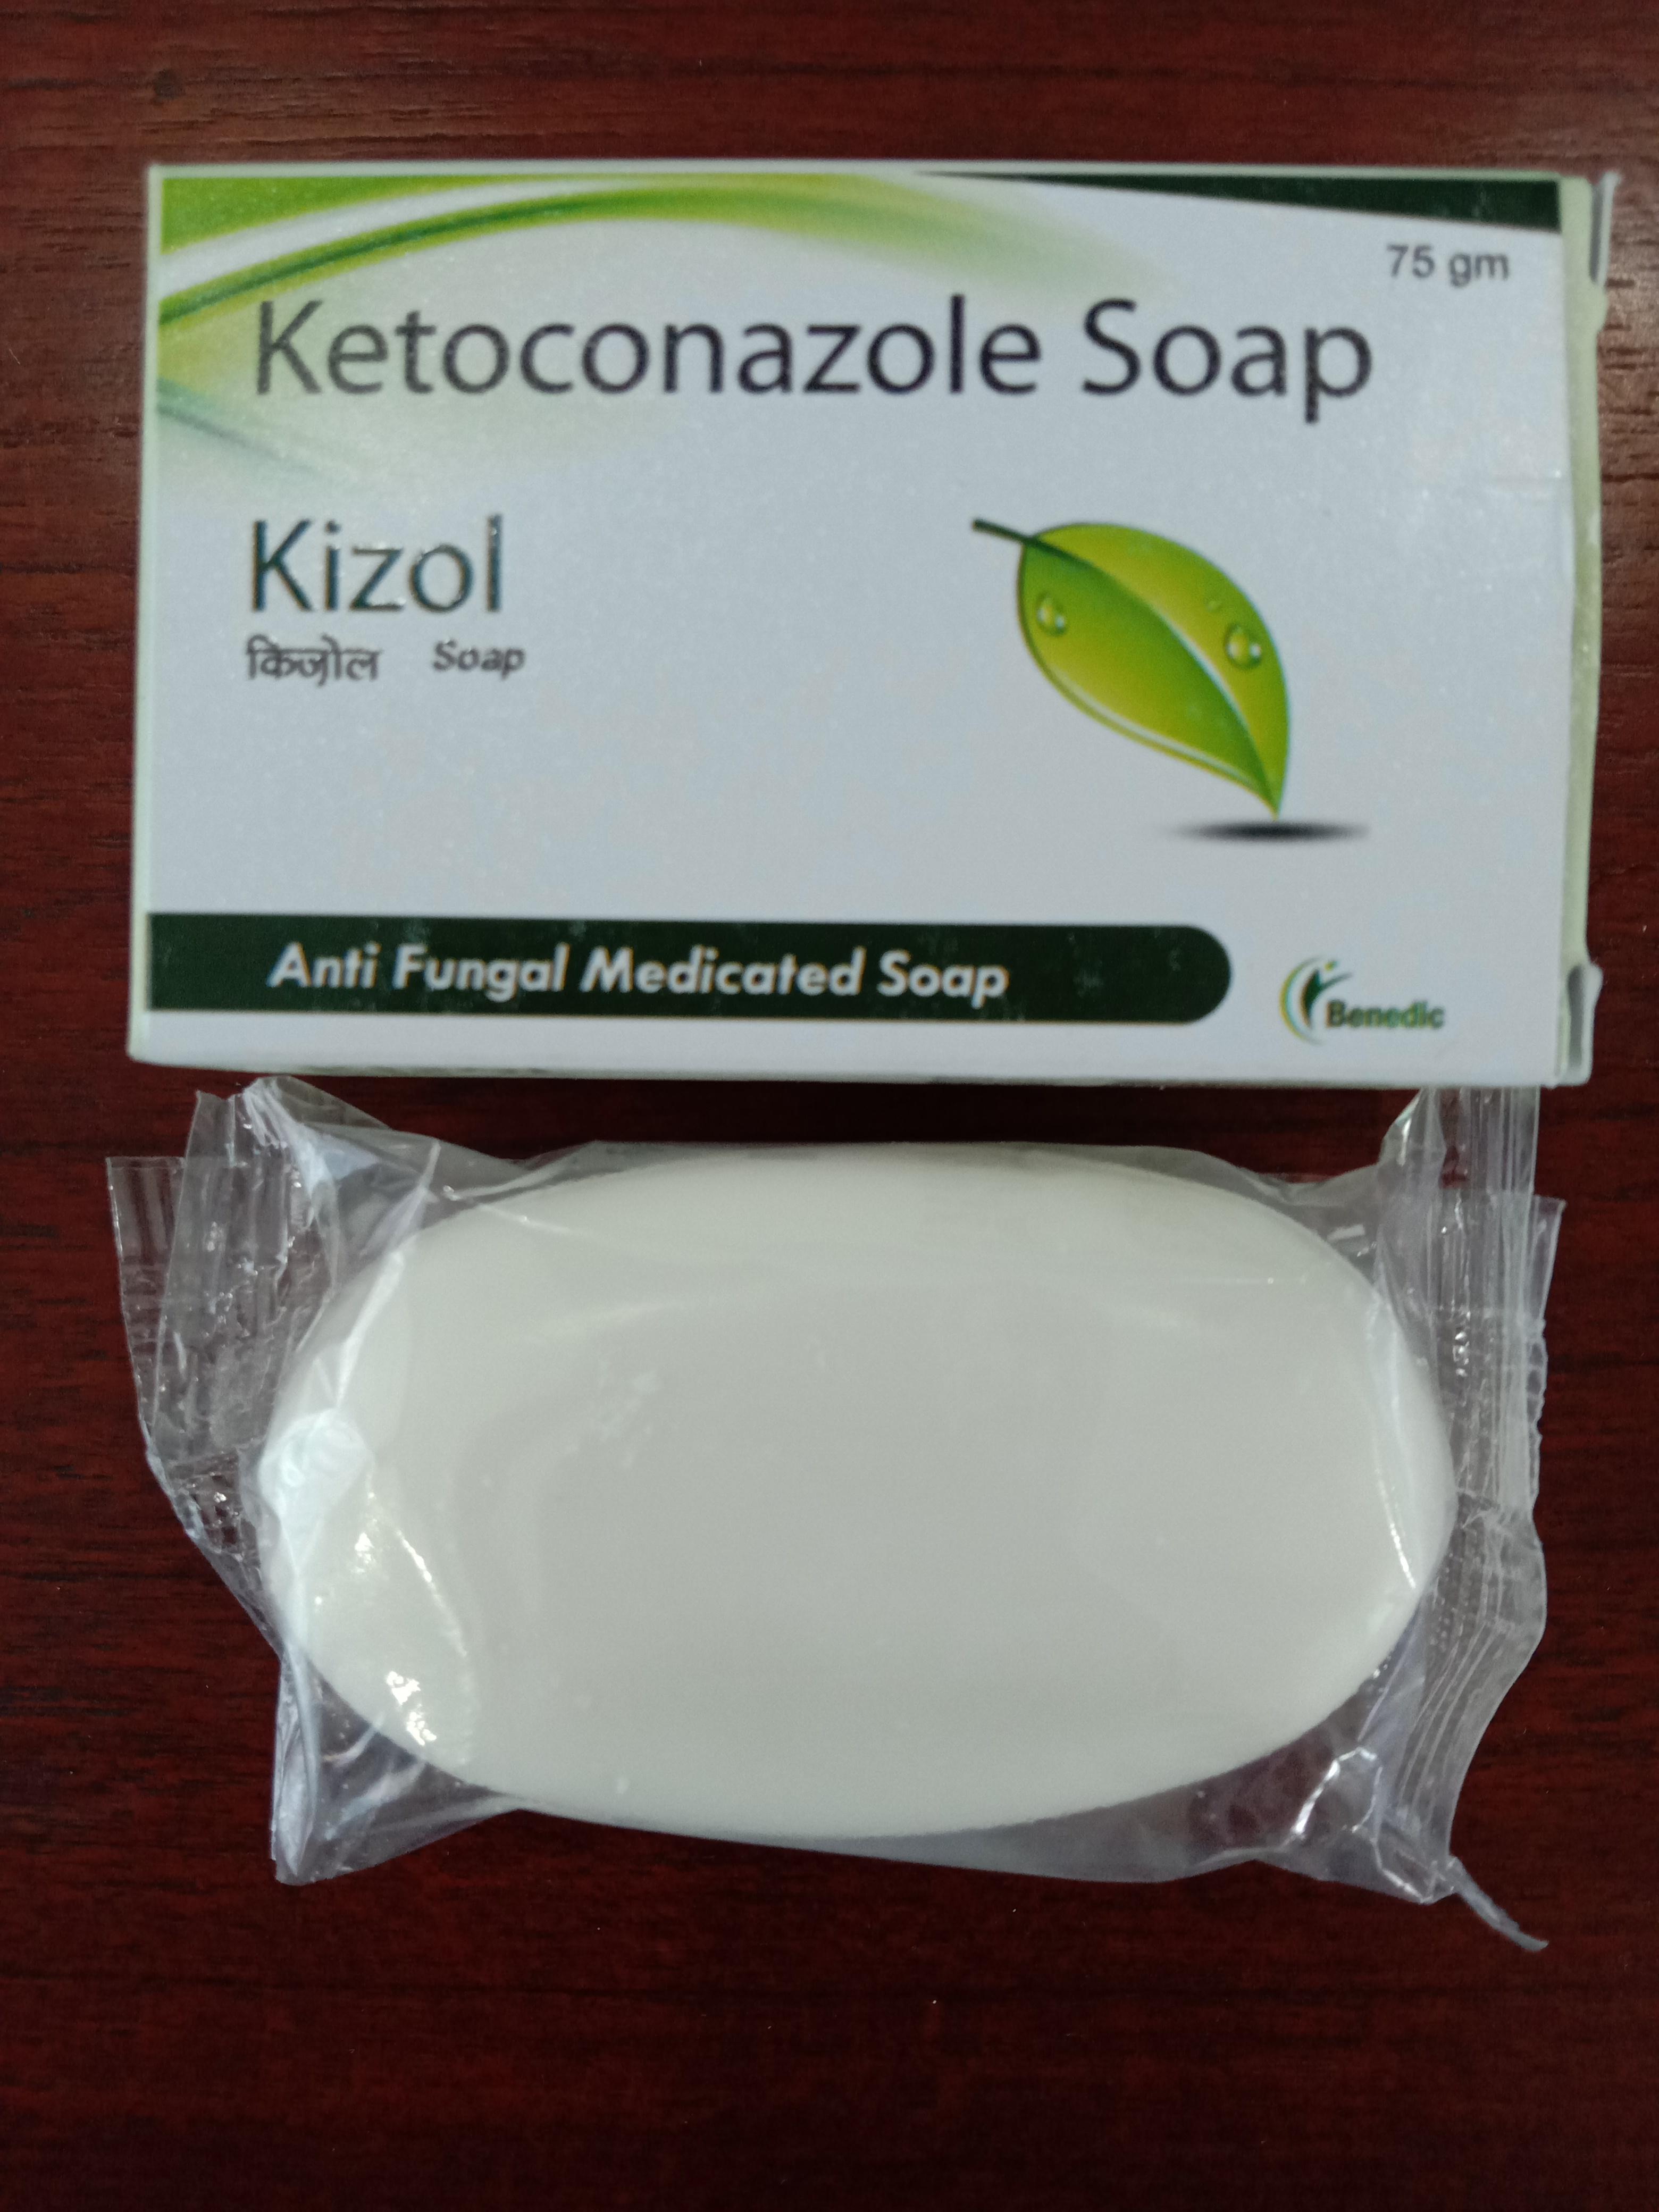 Kizole soap